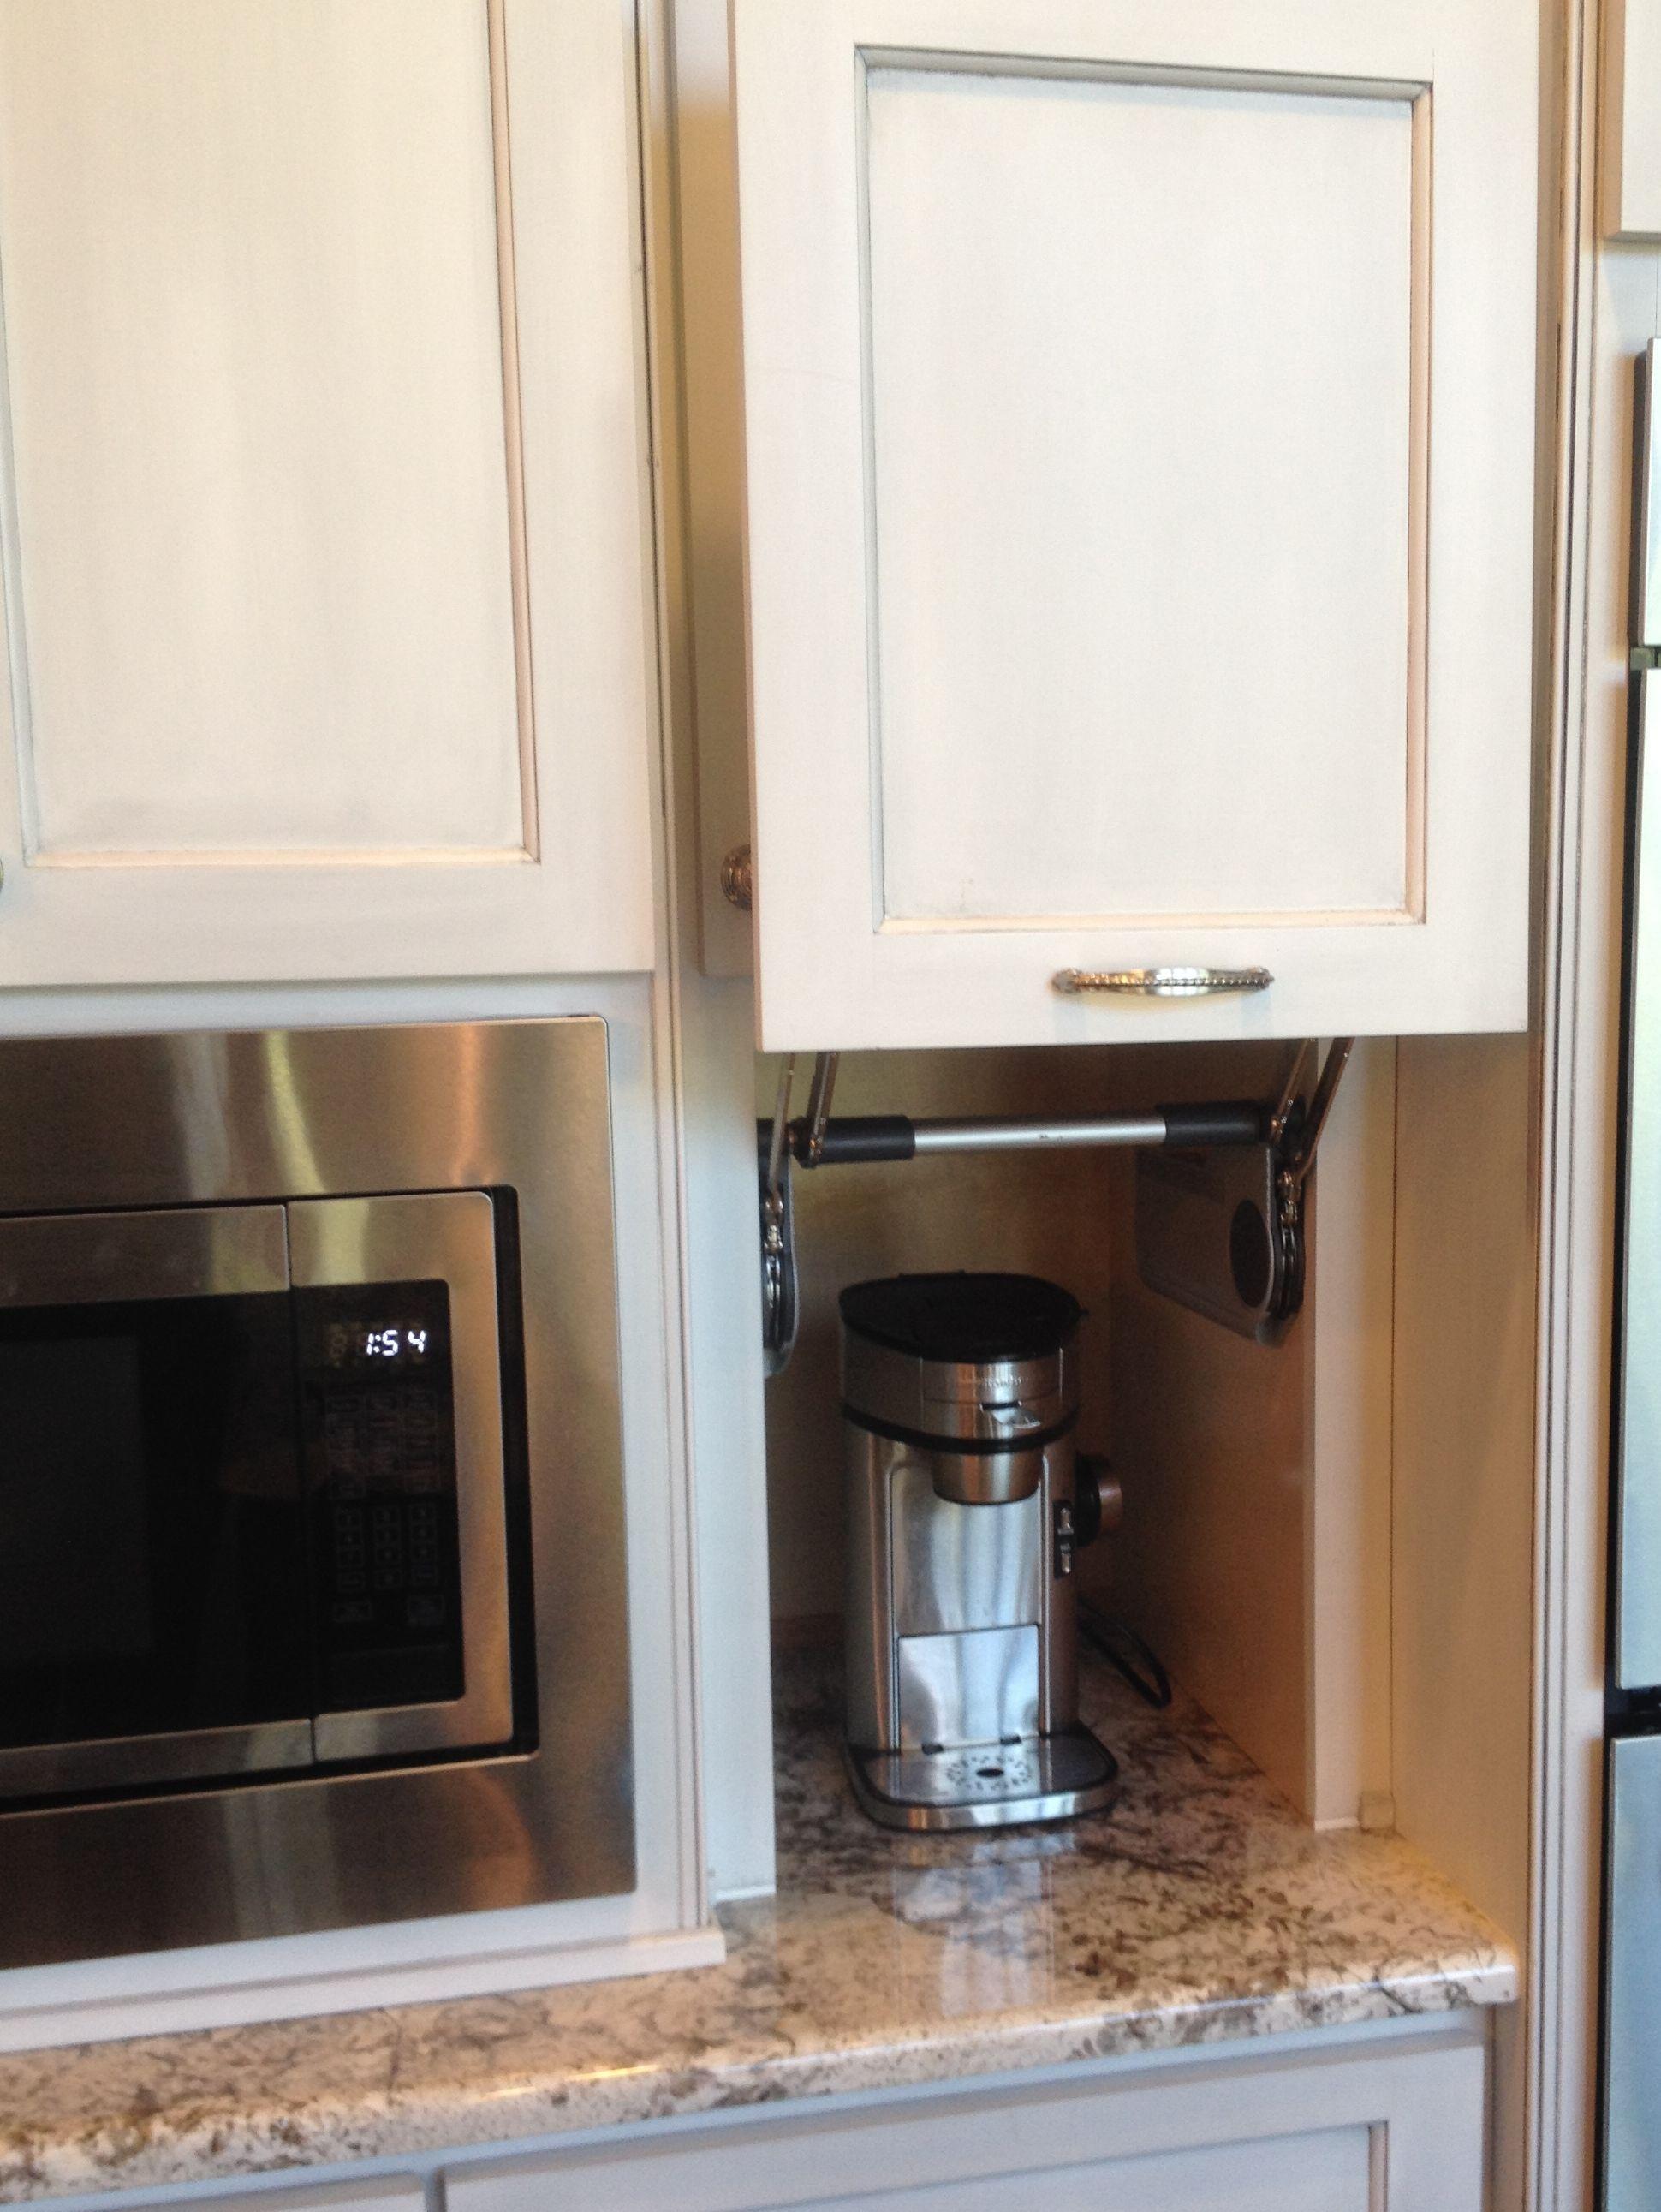 Dream kitchen appliance garage to hide my coffee maker for Dream kitchen appliances